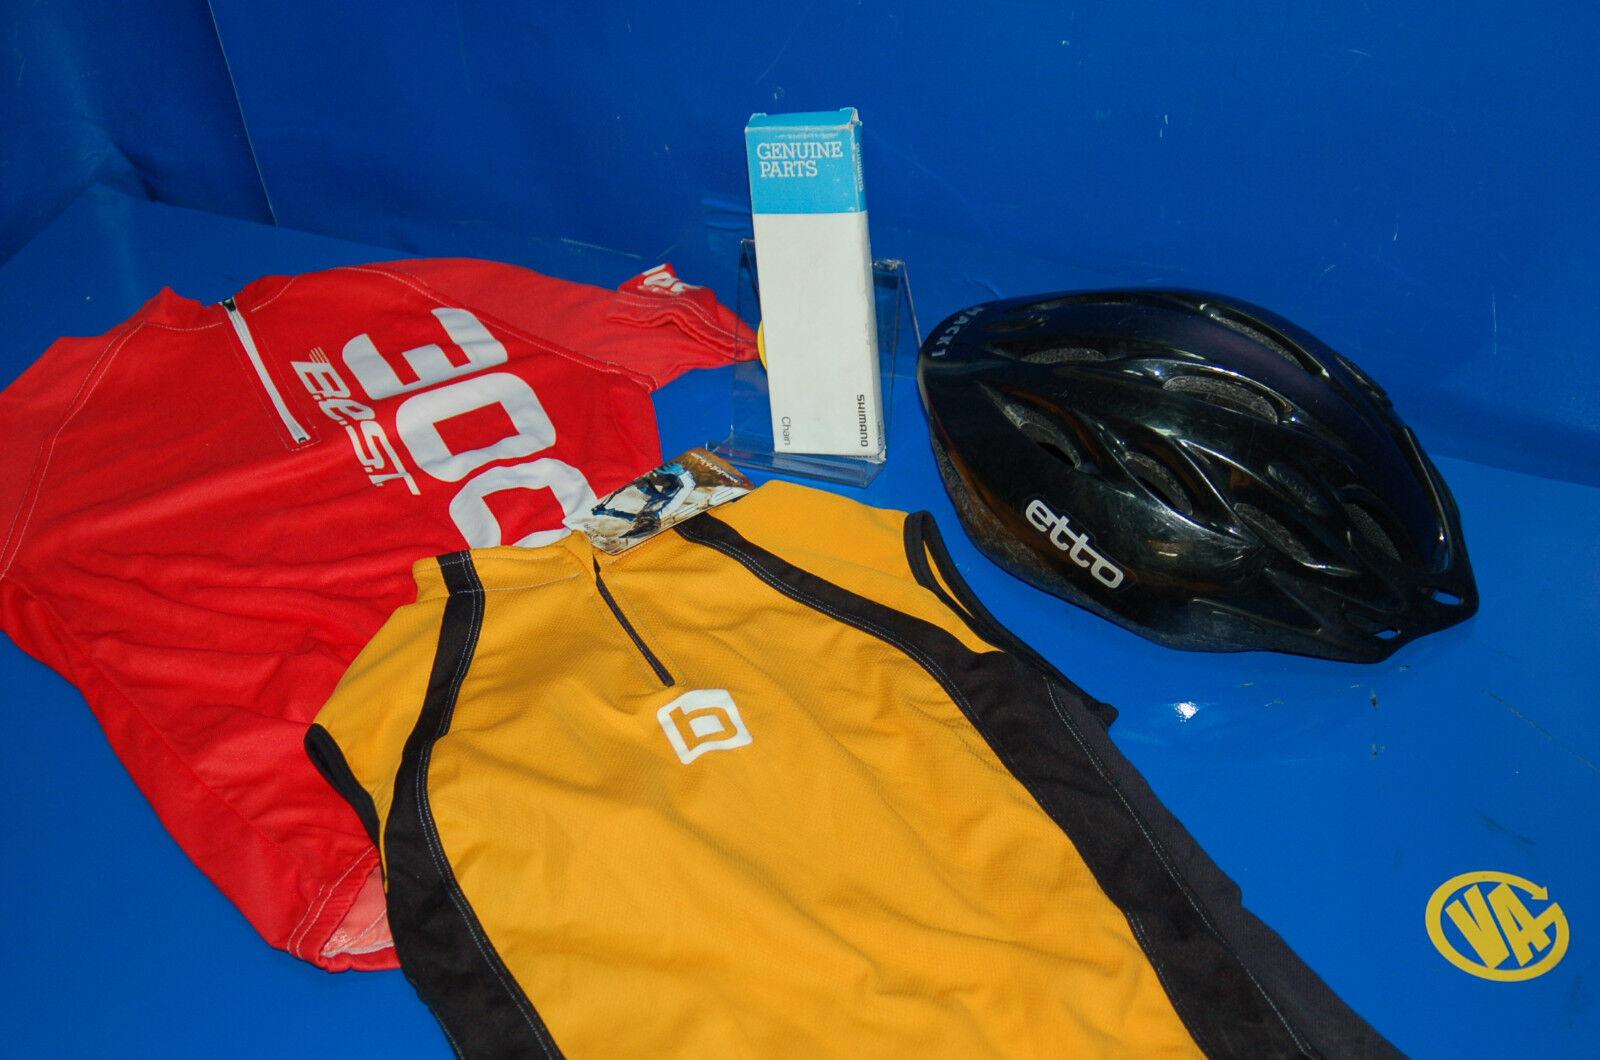 Lote ciclista buen estado estado estado 2 maillots + una cadena Shimano nueva + un casco   riduzione del prezzo    A Prezzi Convenienti  76ab65